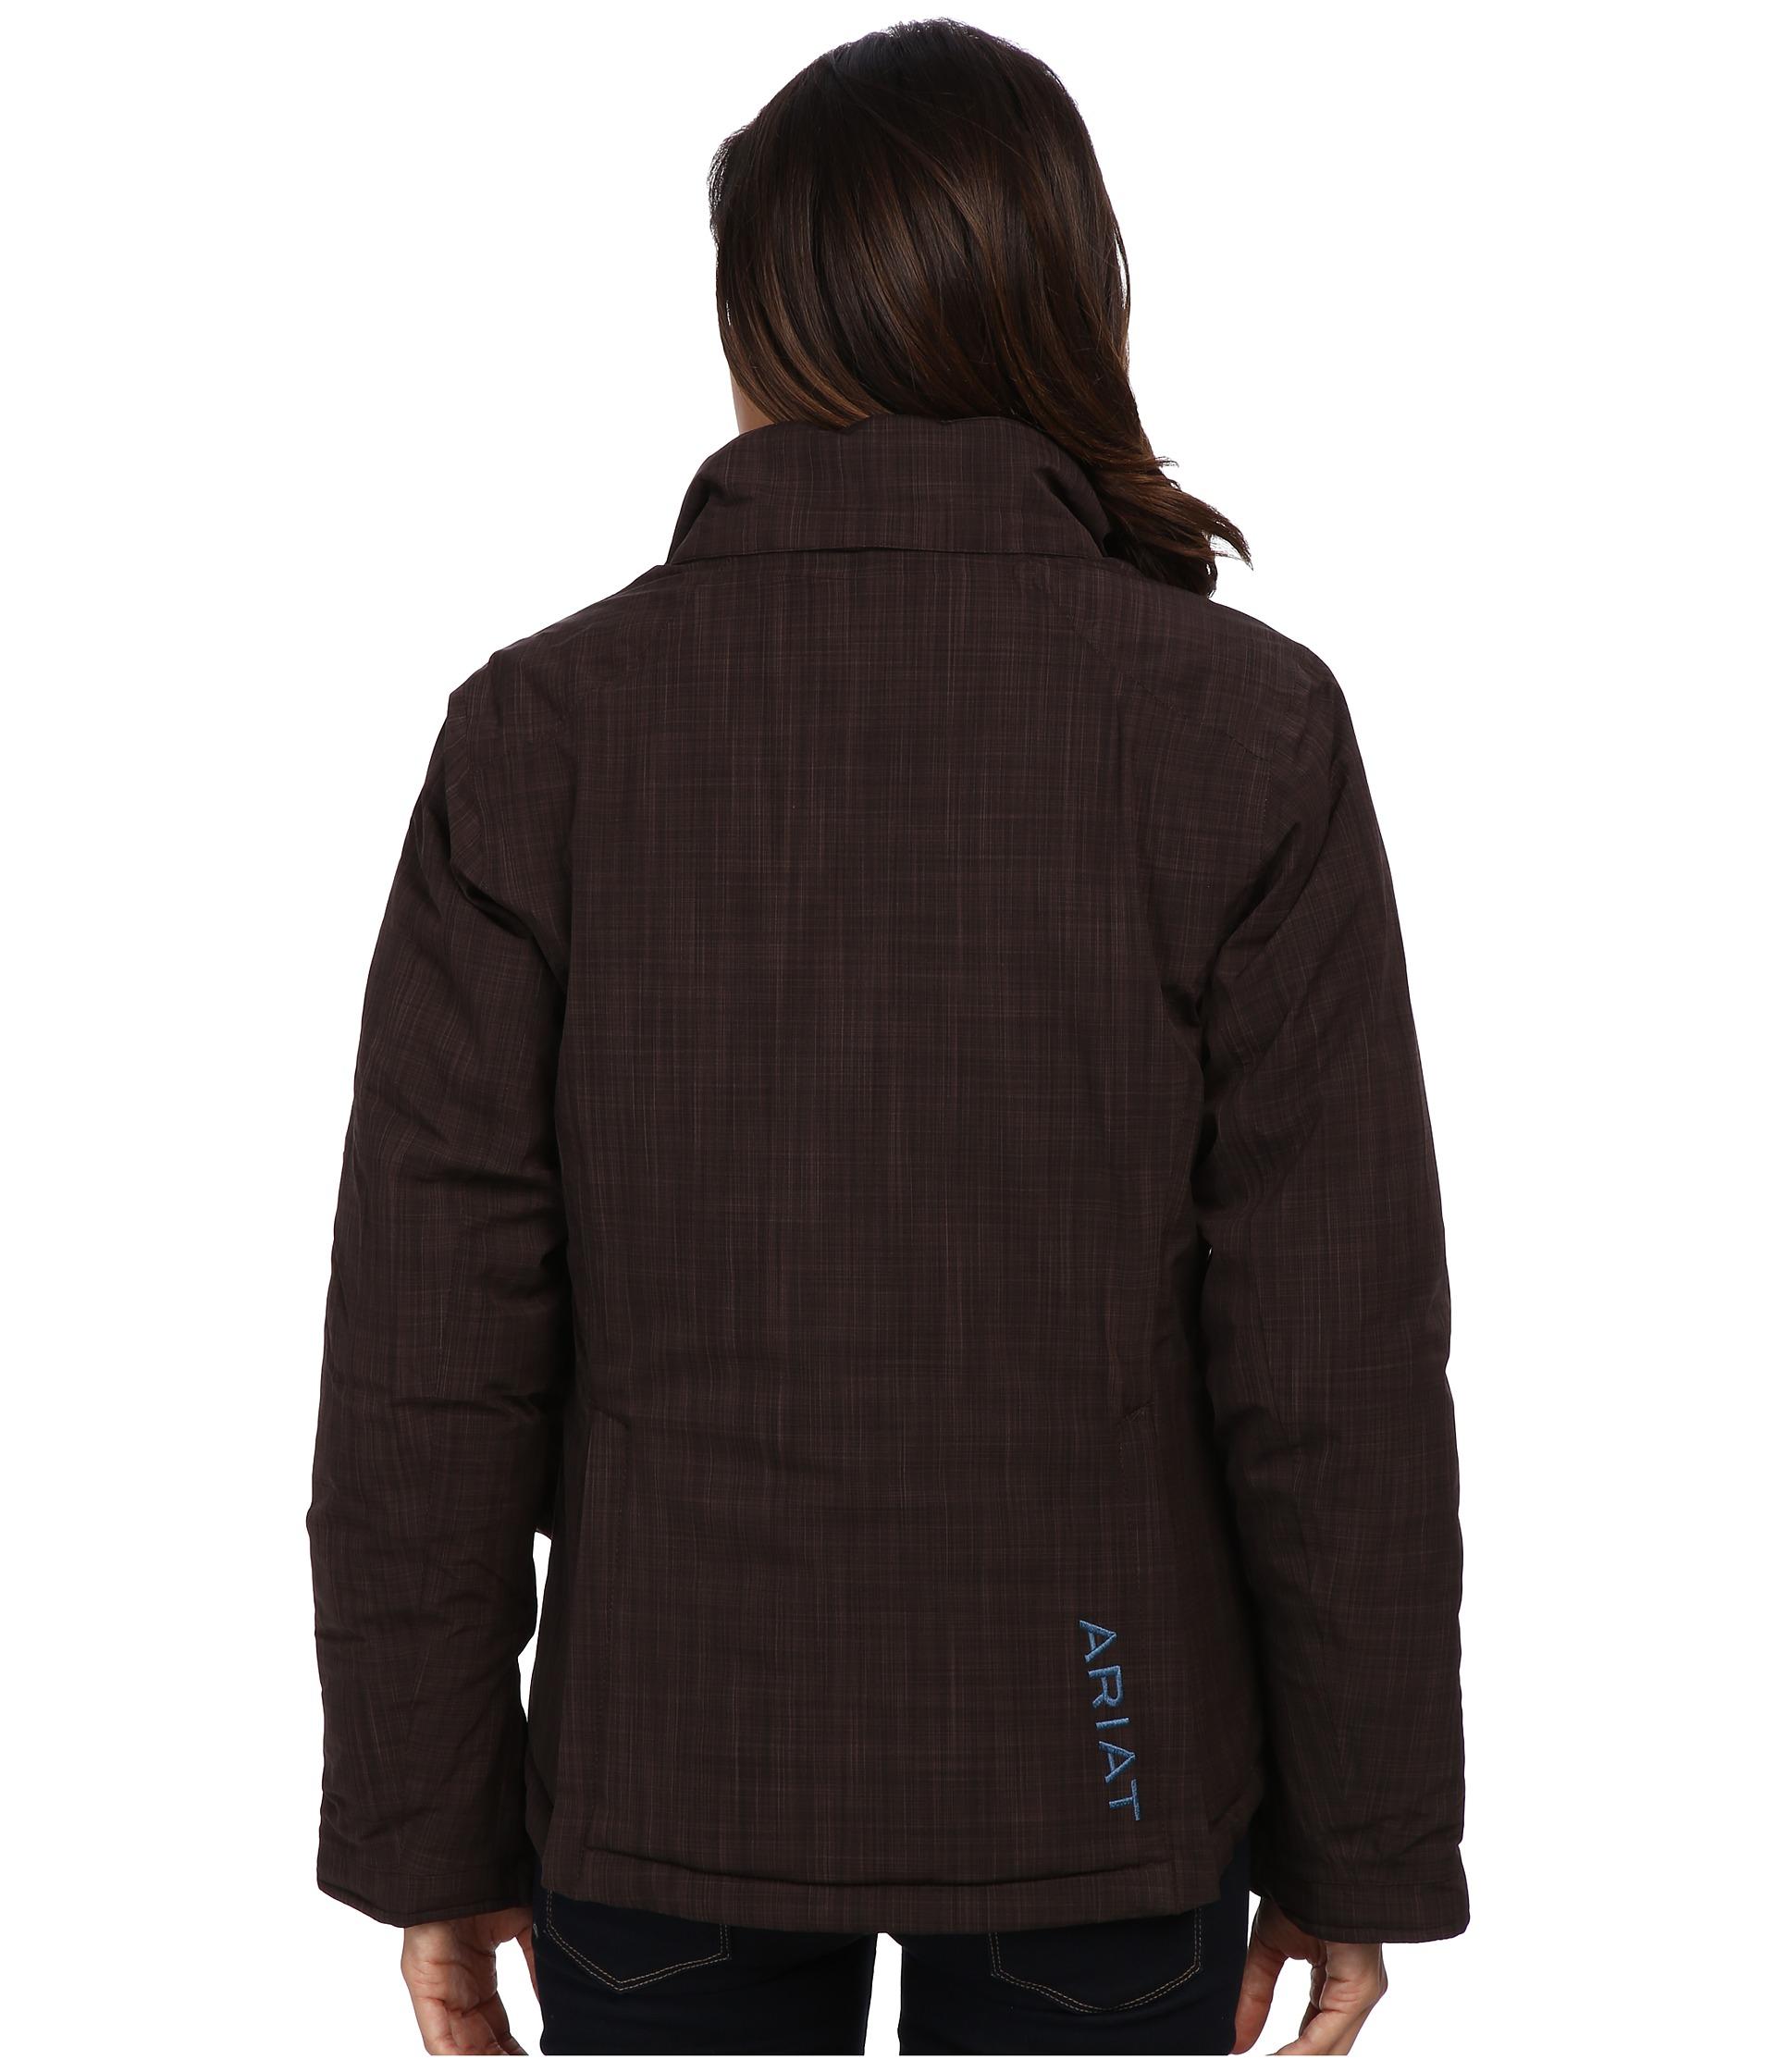 Ariat Highland Waterproof Jacket in Brown | Lyst